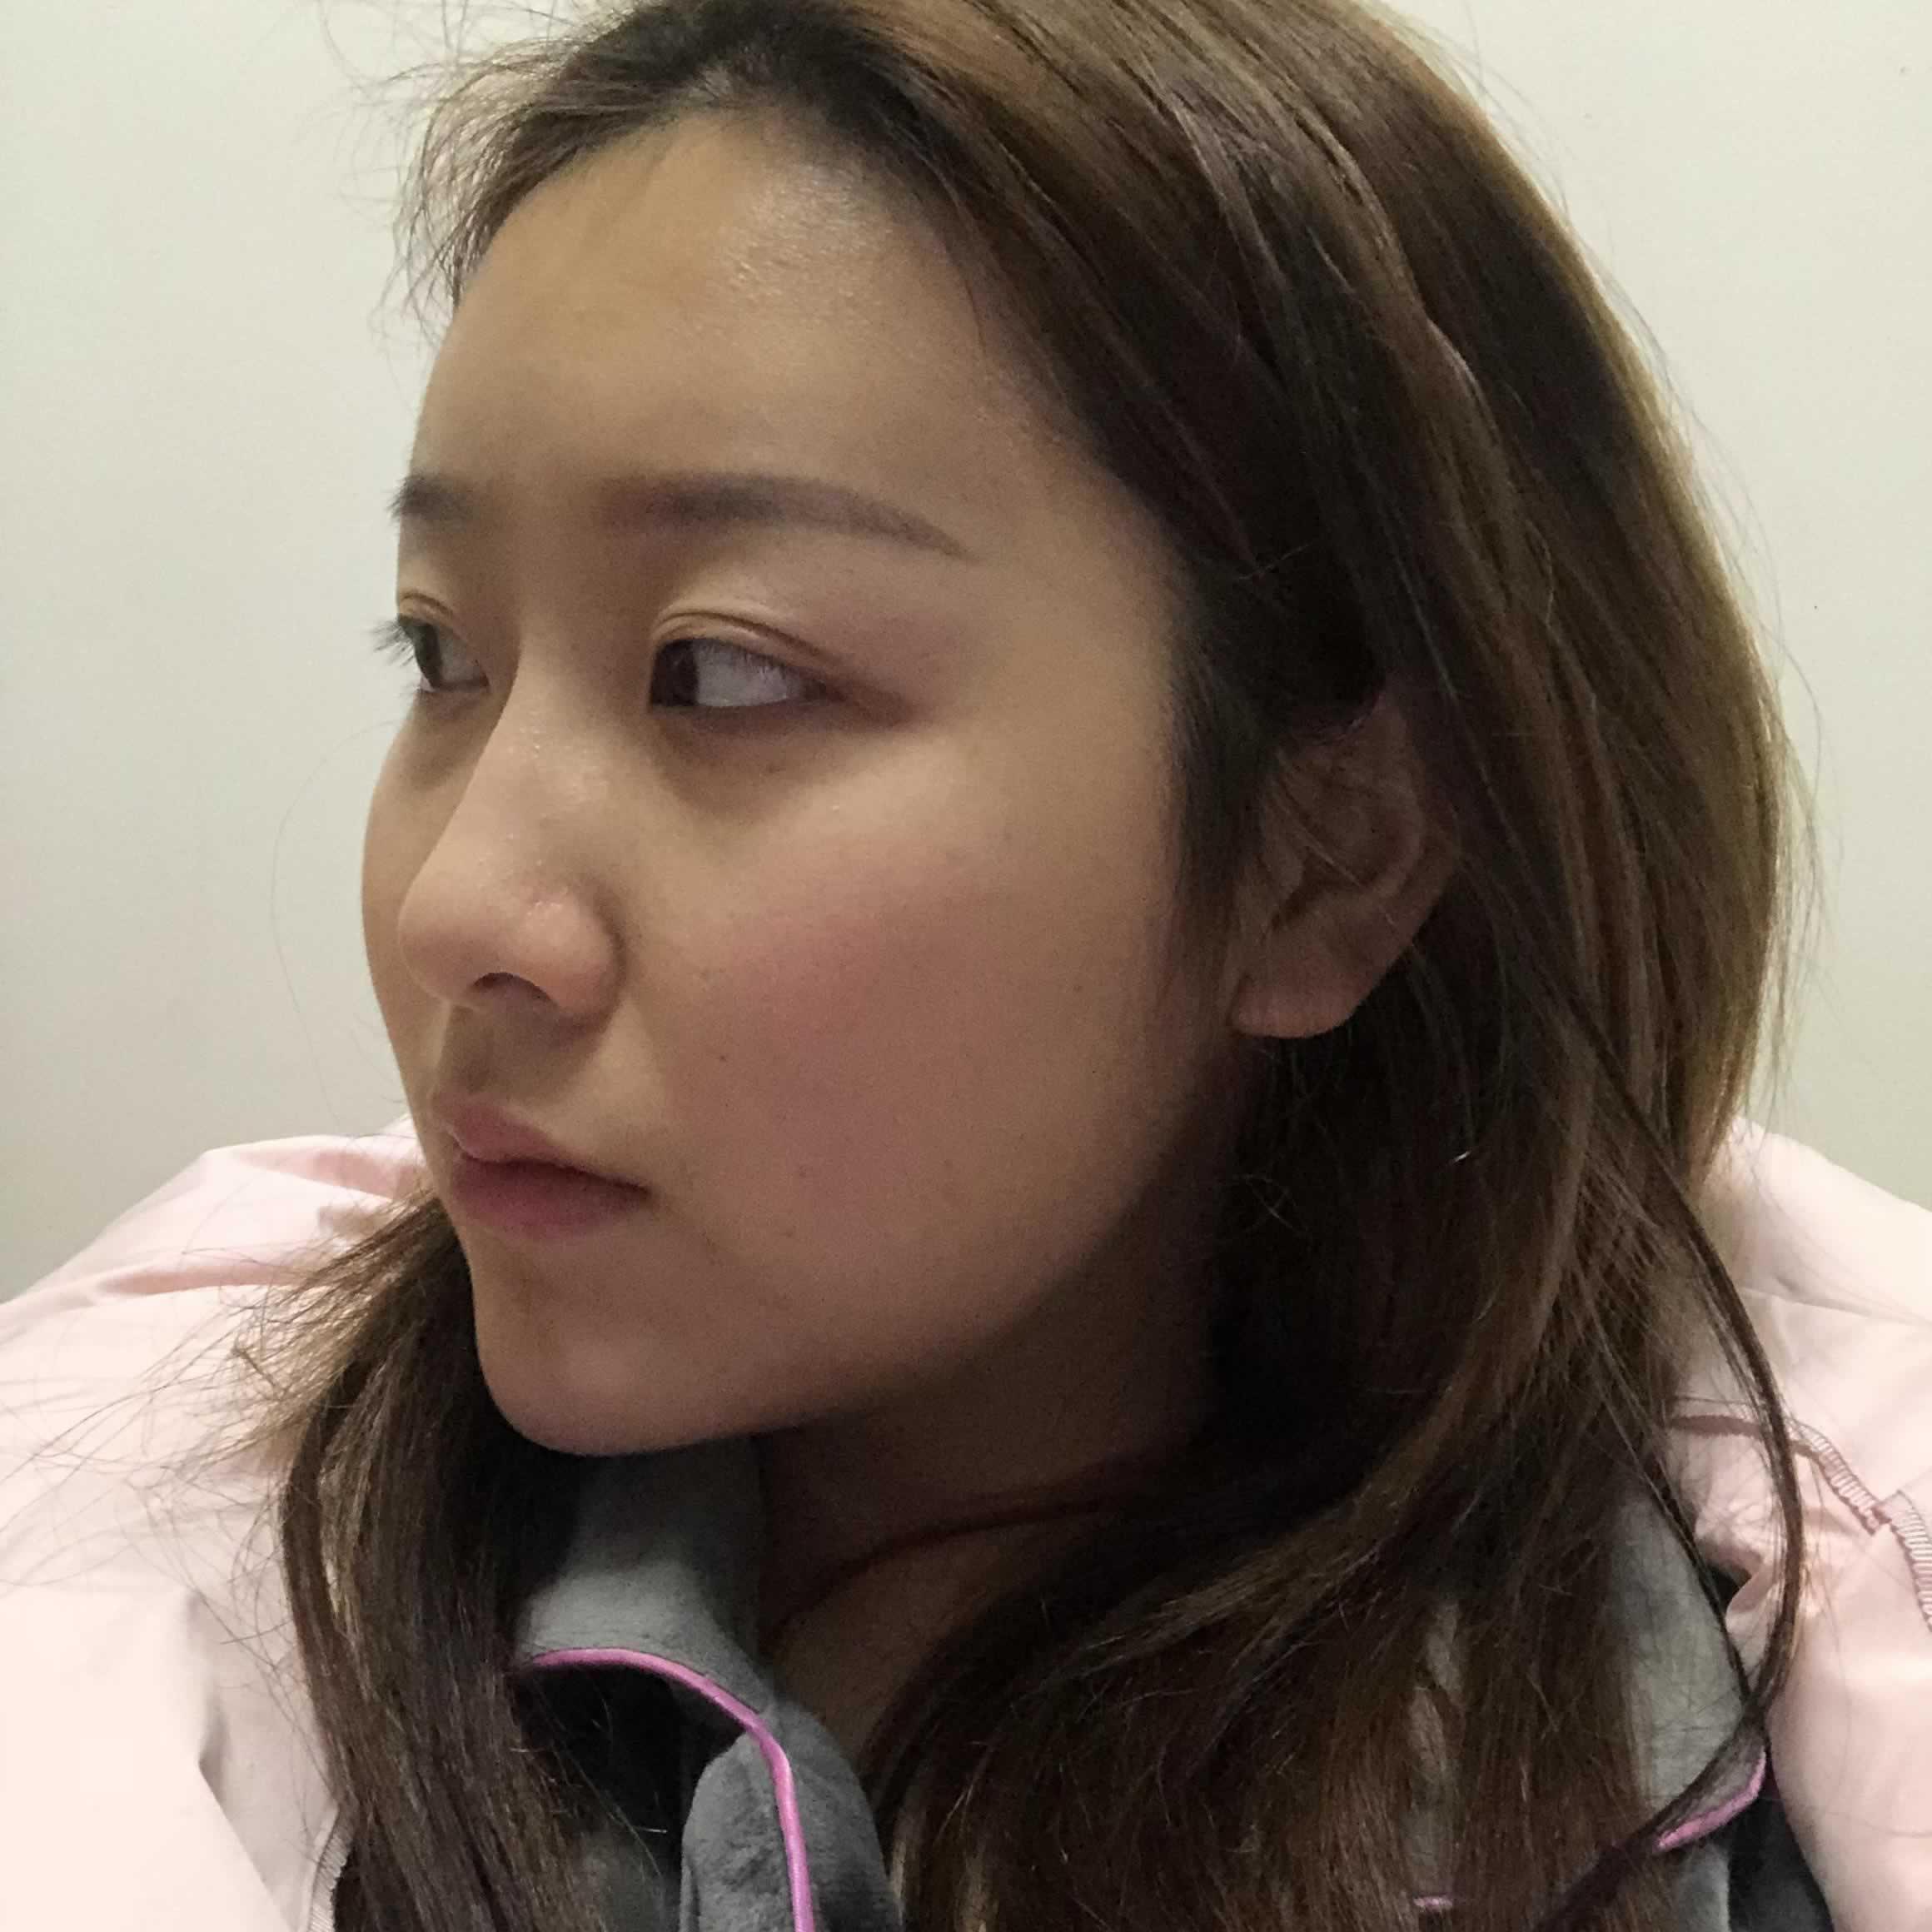 我做了面部吸脂手术,因为我觉得带着面罩真的是太傻了